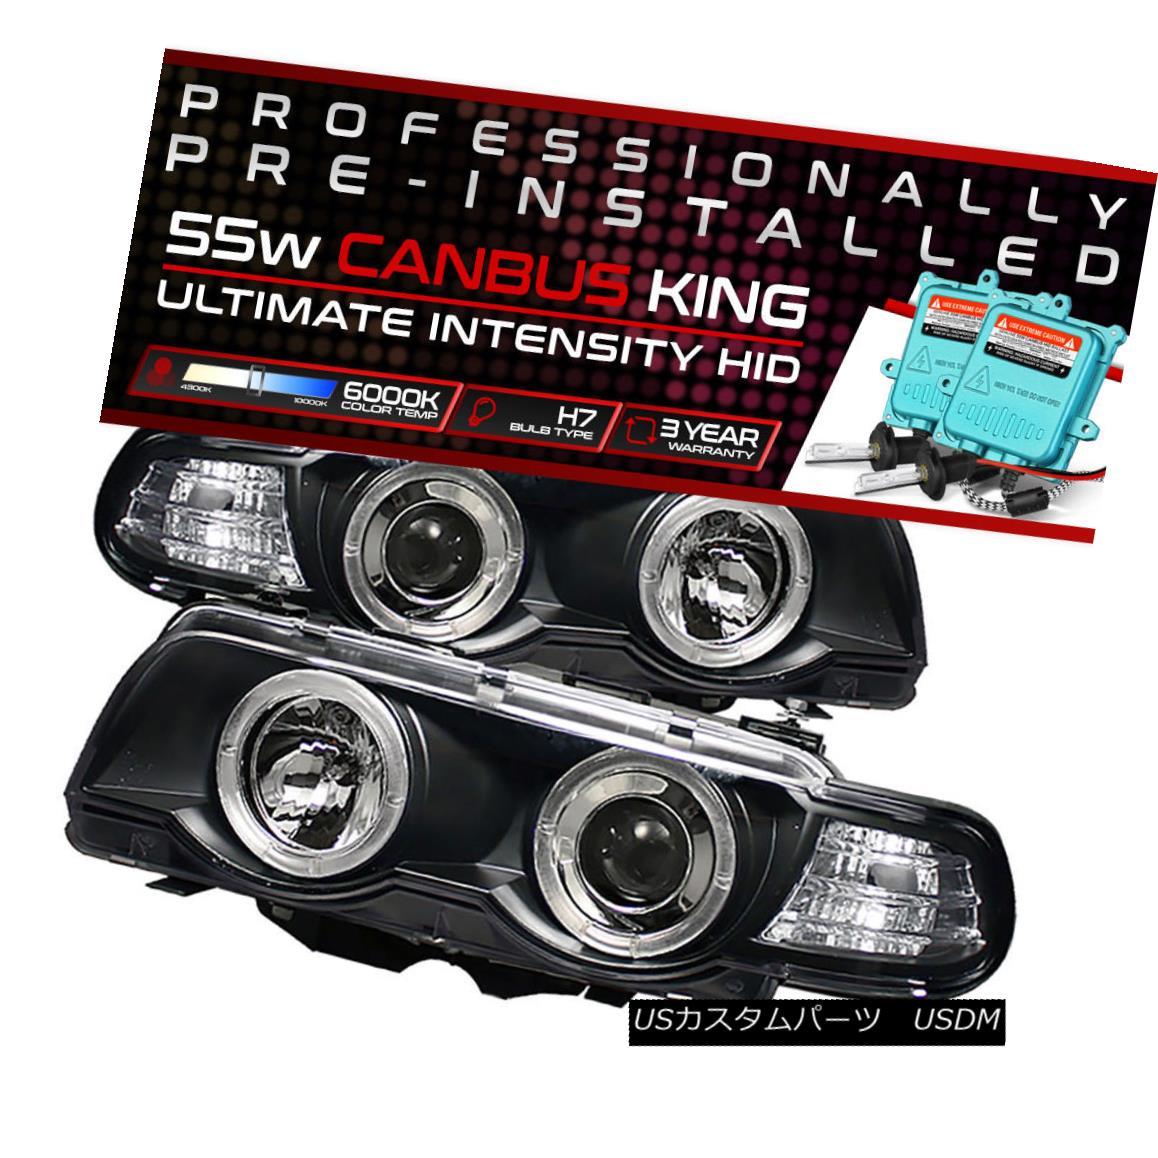 ヘッドライト !55W HID Built-In! 99-01 BMW E38 7-SERIES Black Halo Projector Headlight Lamp !55W HID内蔵! 99-01 BMW E38 7シリーズブラックハロープロジェクターヘッドライトランプ